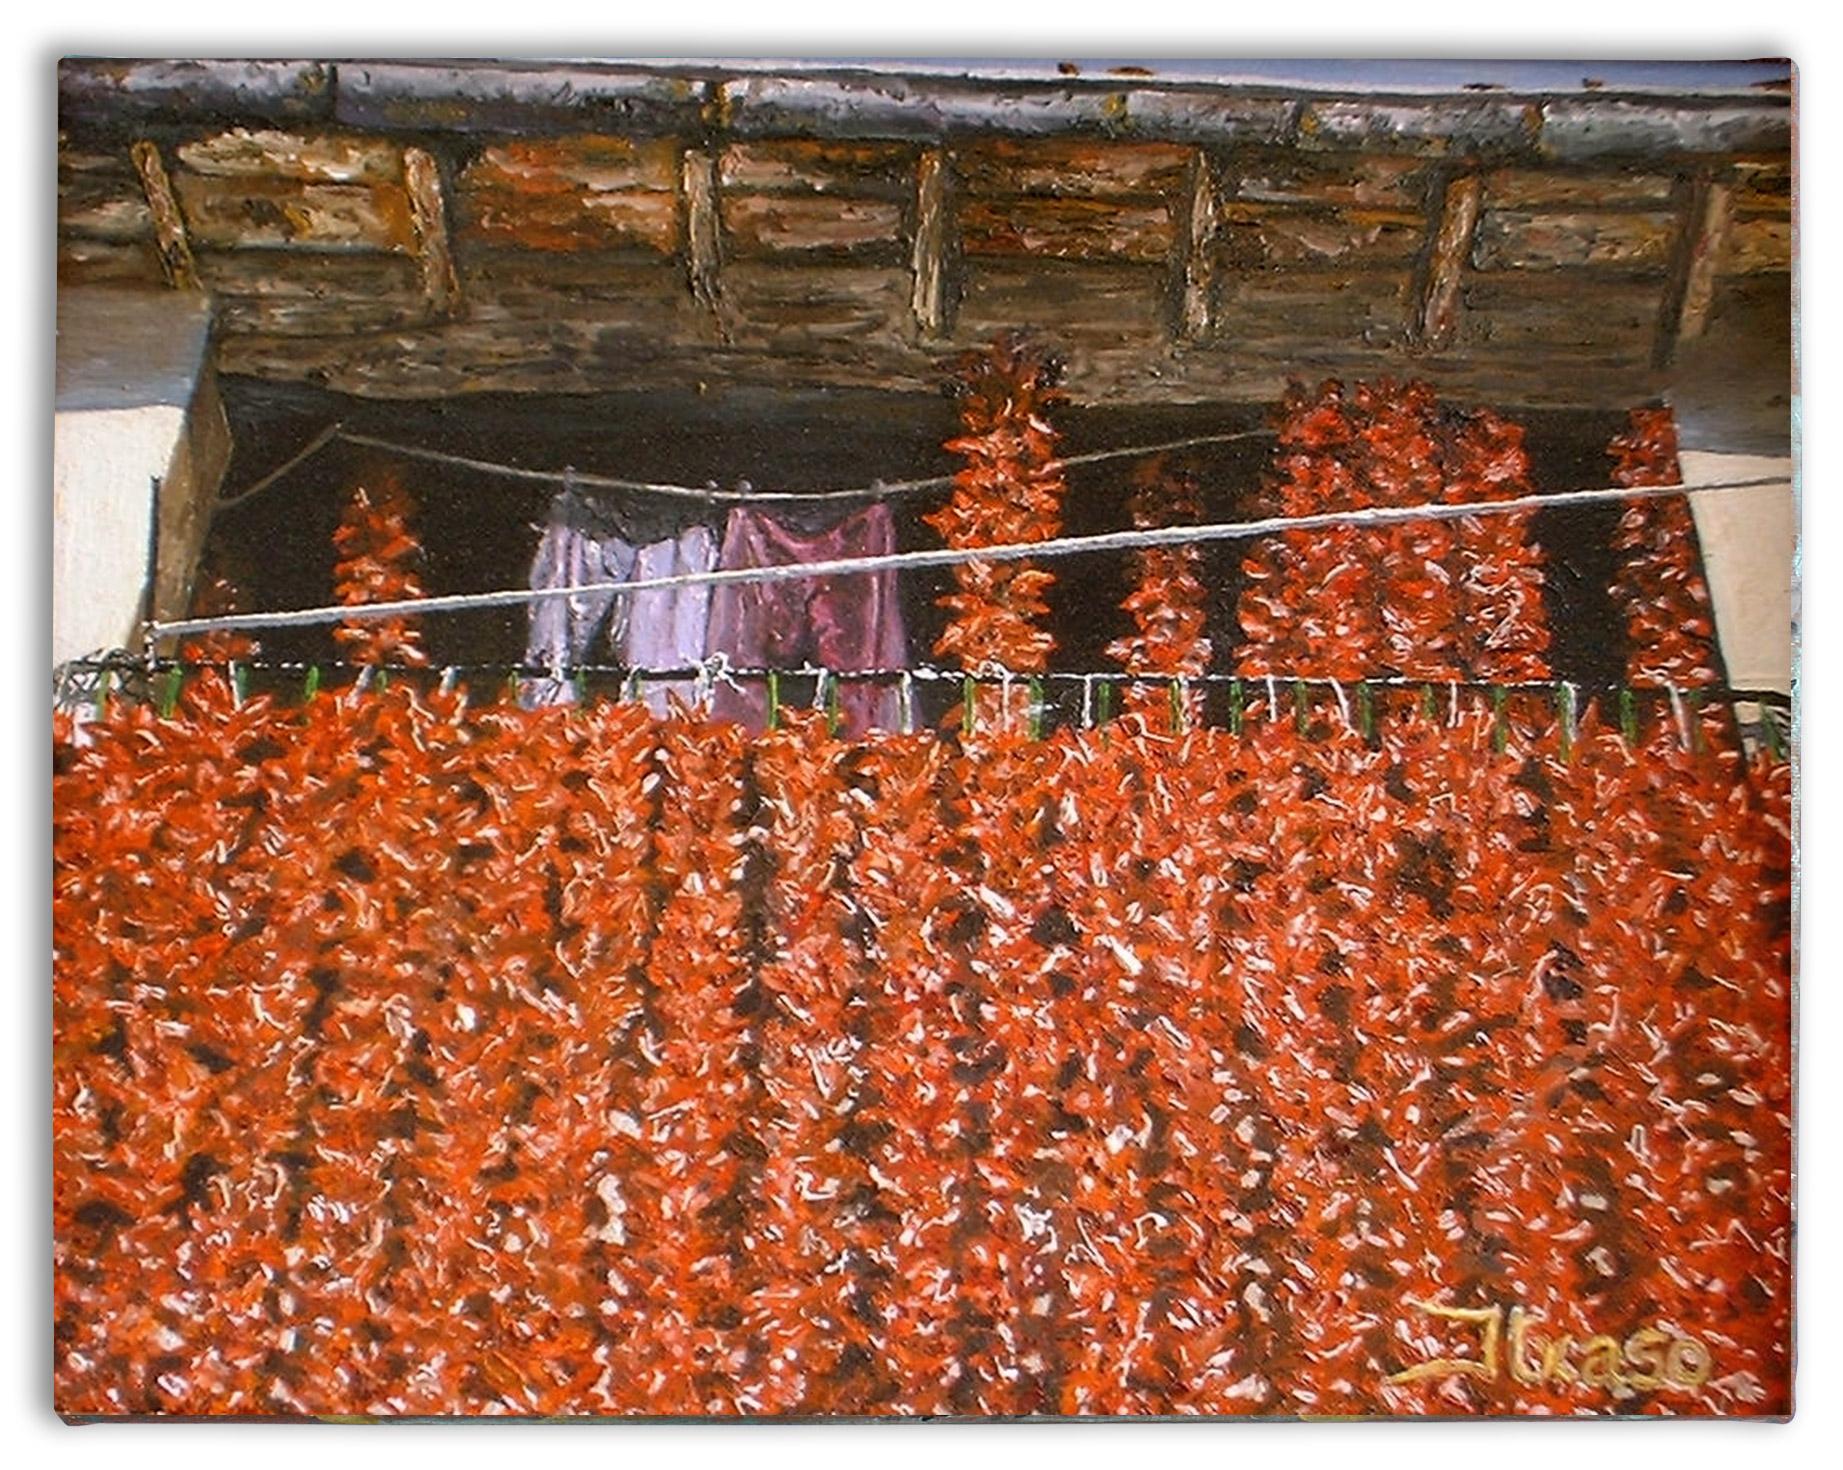 Balconada de pimientos. Lodosa